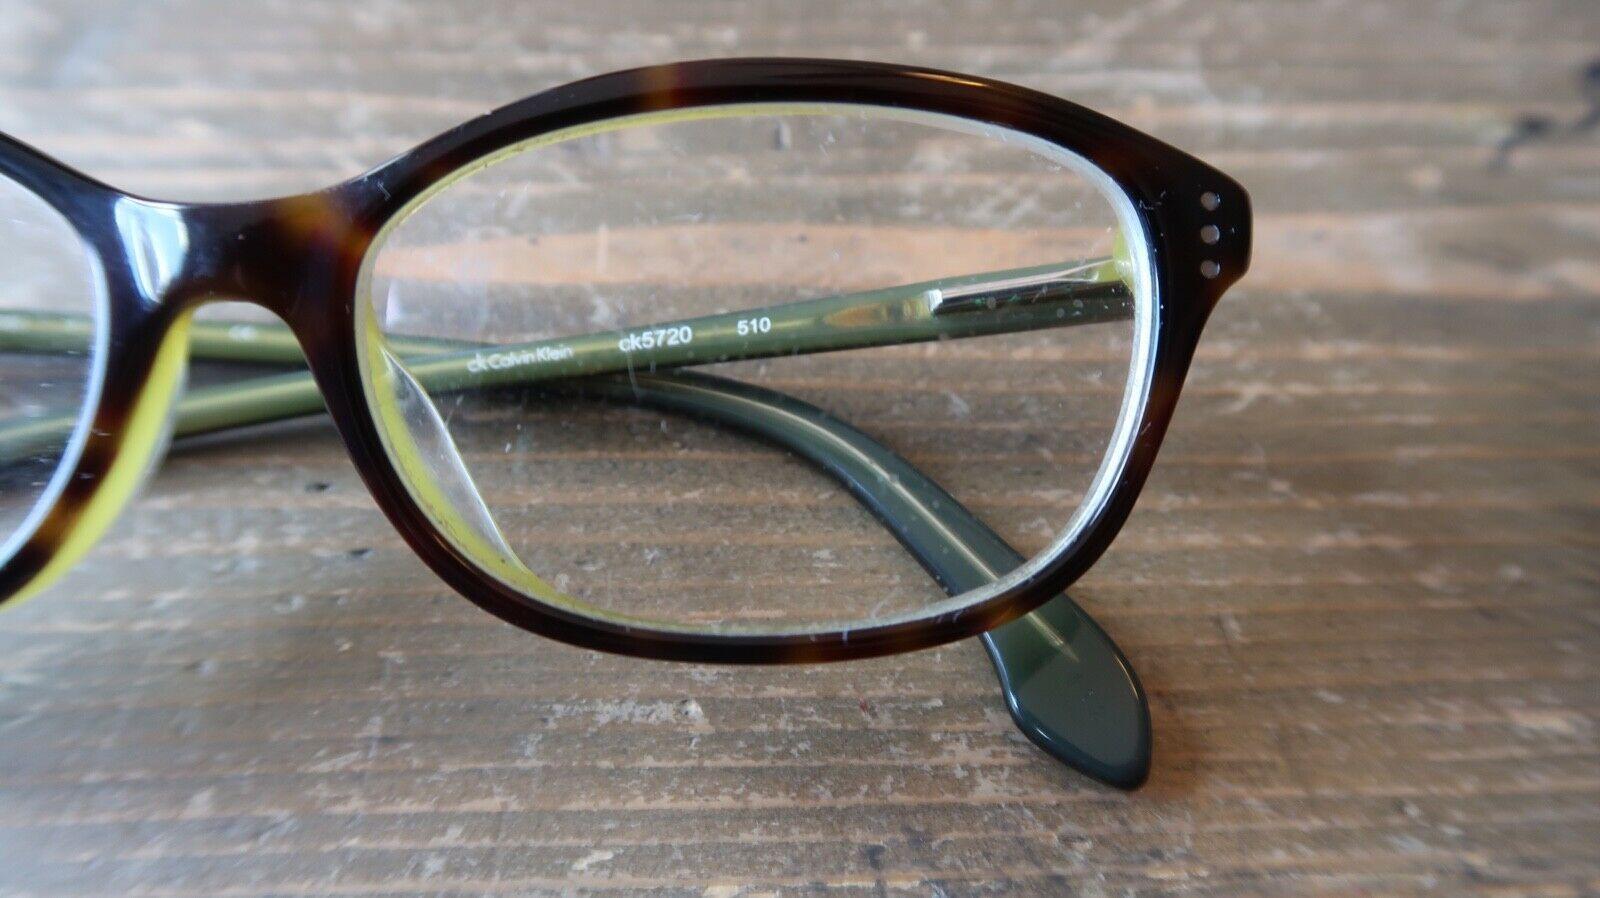 Calvin Klein Eyeglasses Frames CK5720 51[]15-135